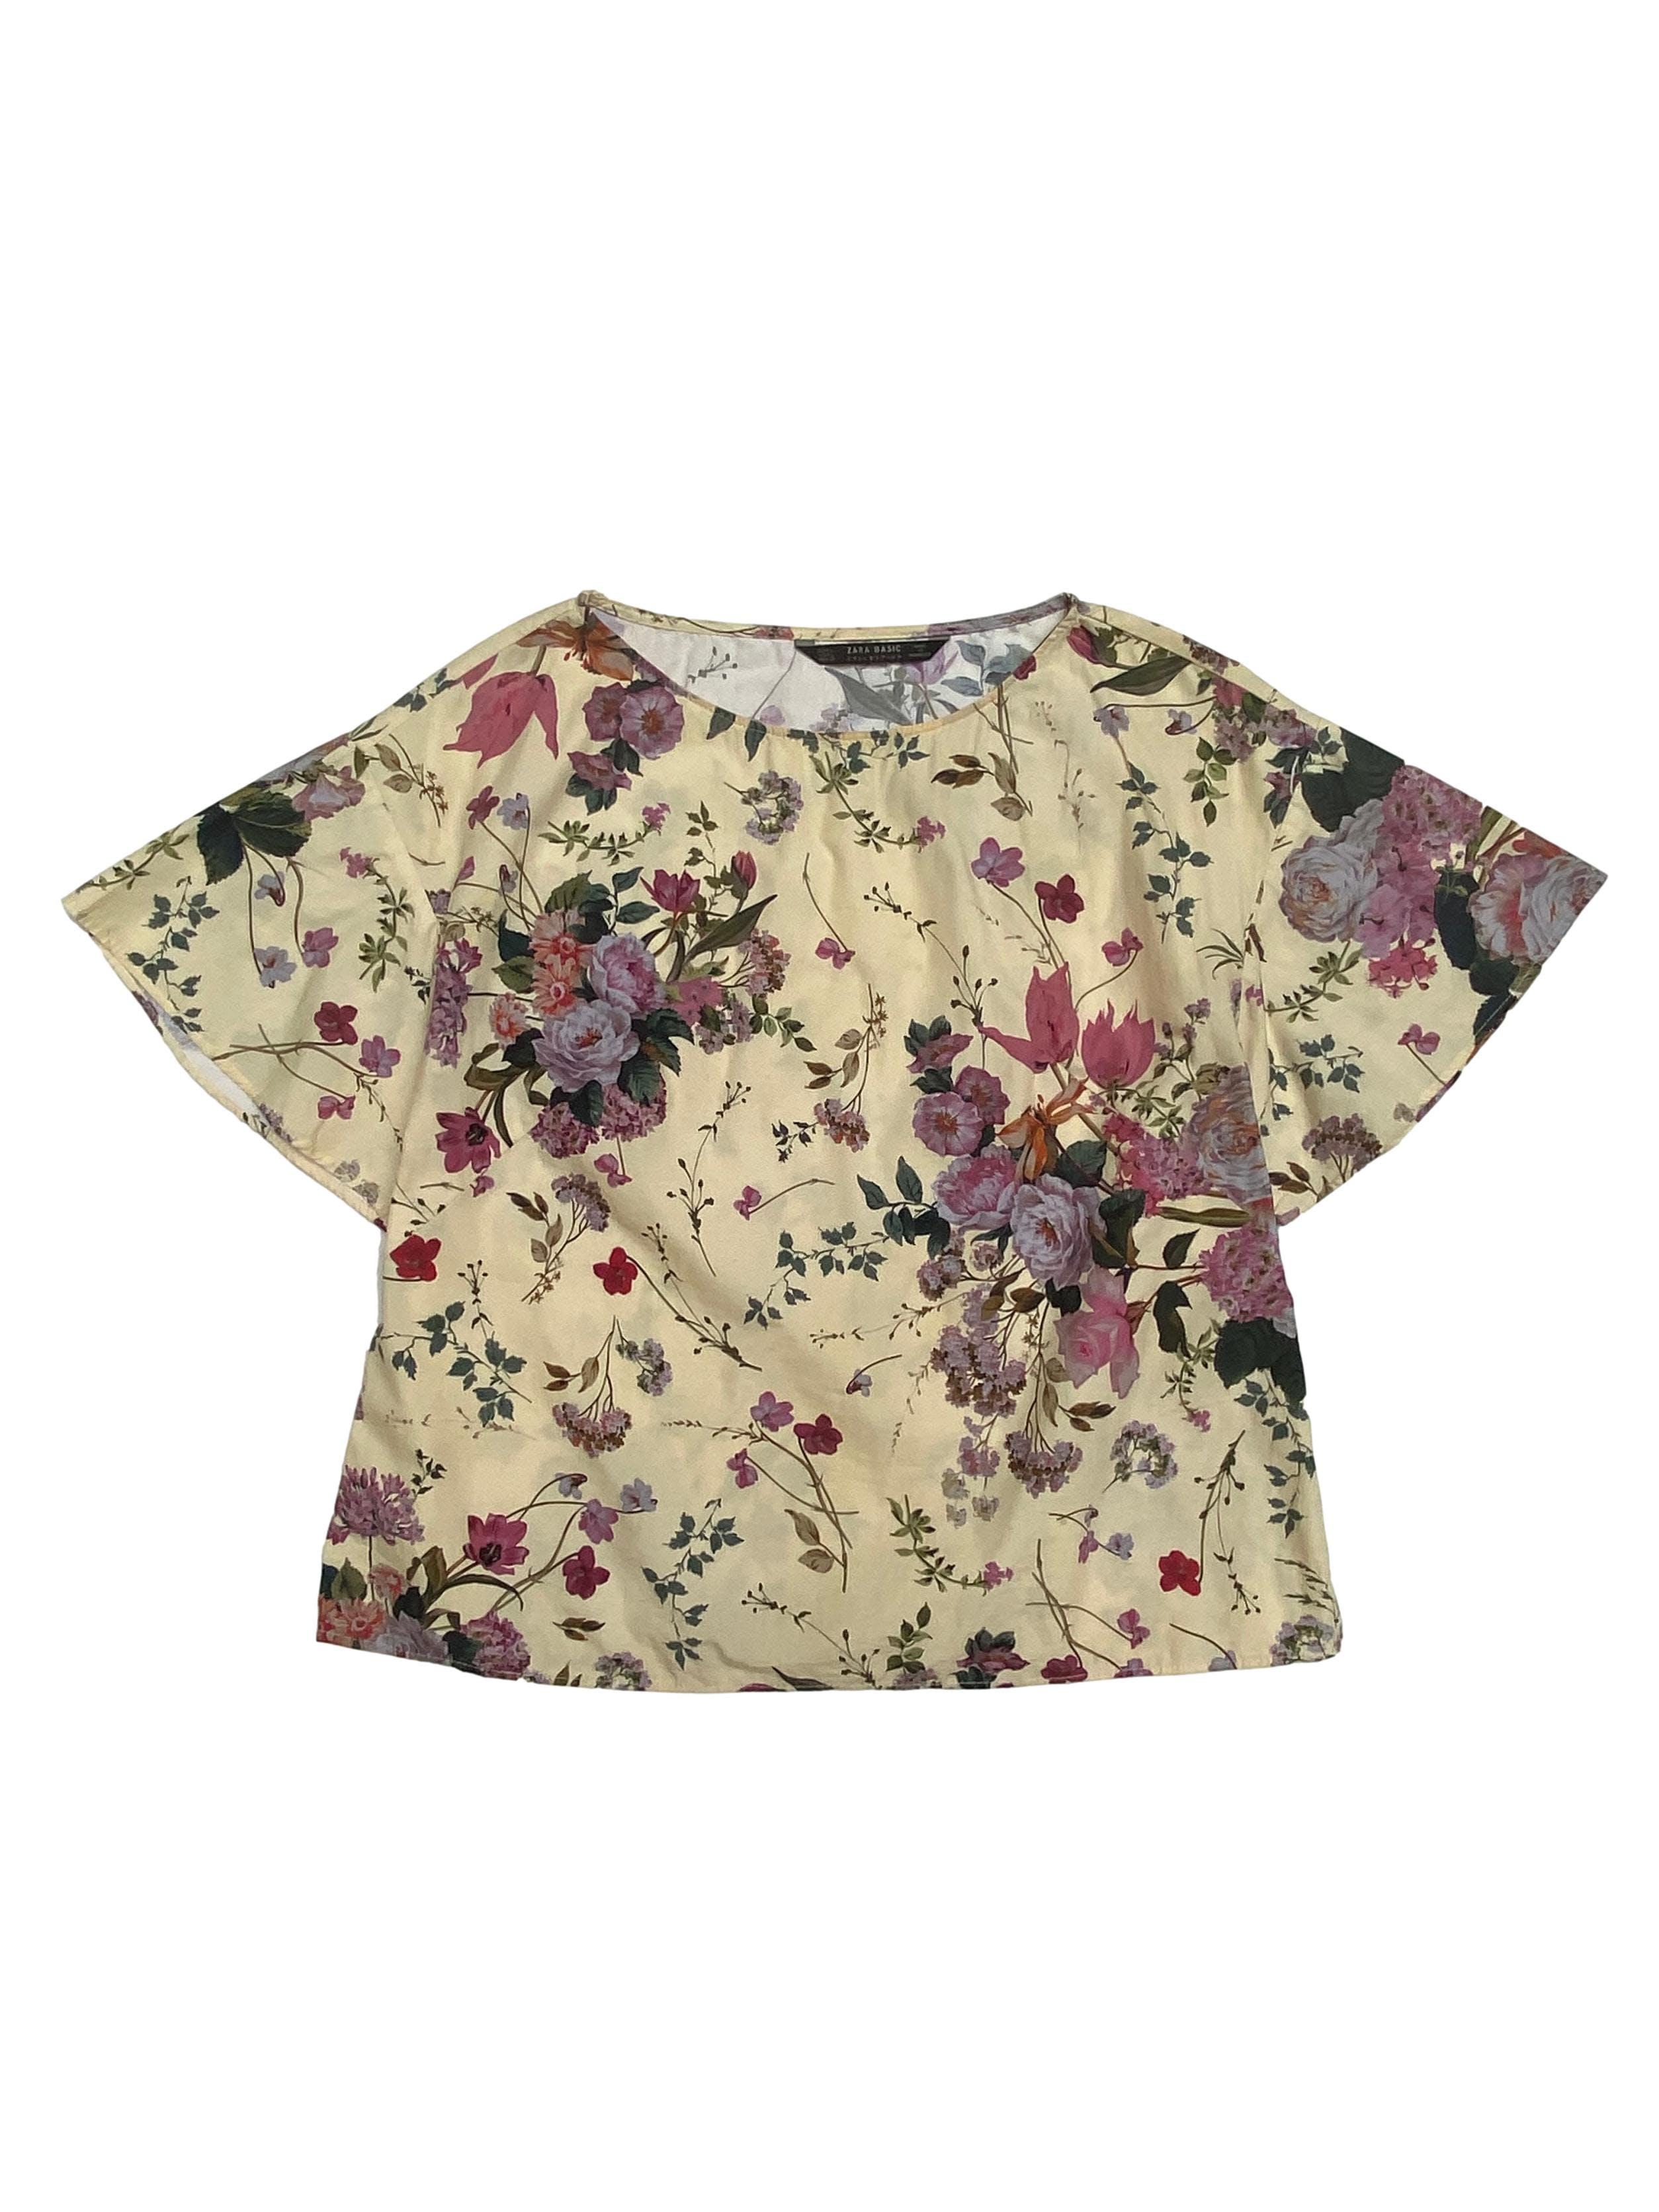 Blusa Zara 100% algodón beige con estampado de fores, manga corta con vuelo. Busto 104cm Largo 55cm. Precio original S/ 149